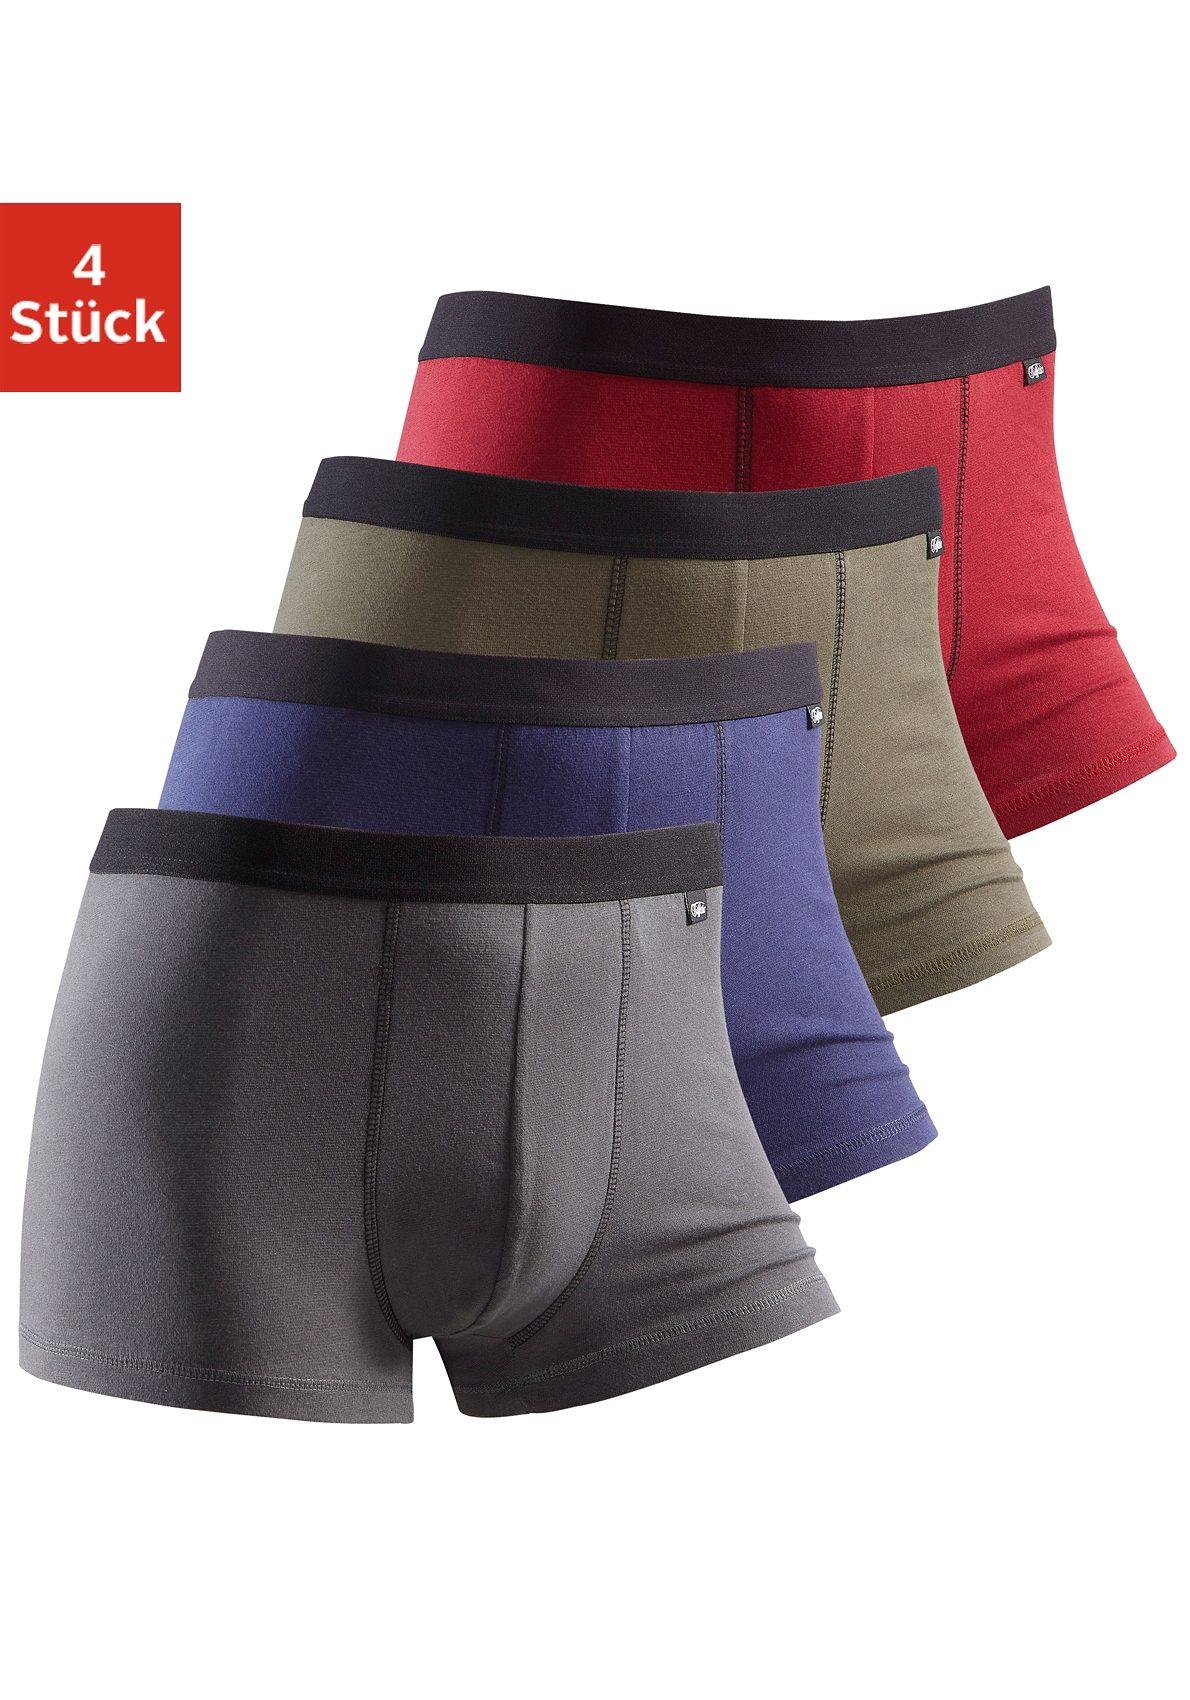 Buffalo Boxer (4 Stück) | Bekleidung > Wäsche > Boxershorts | Buffalo